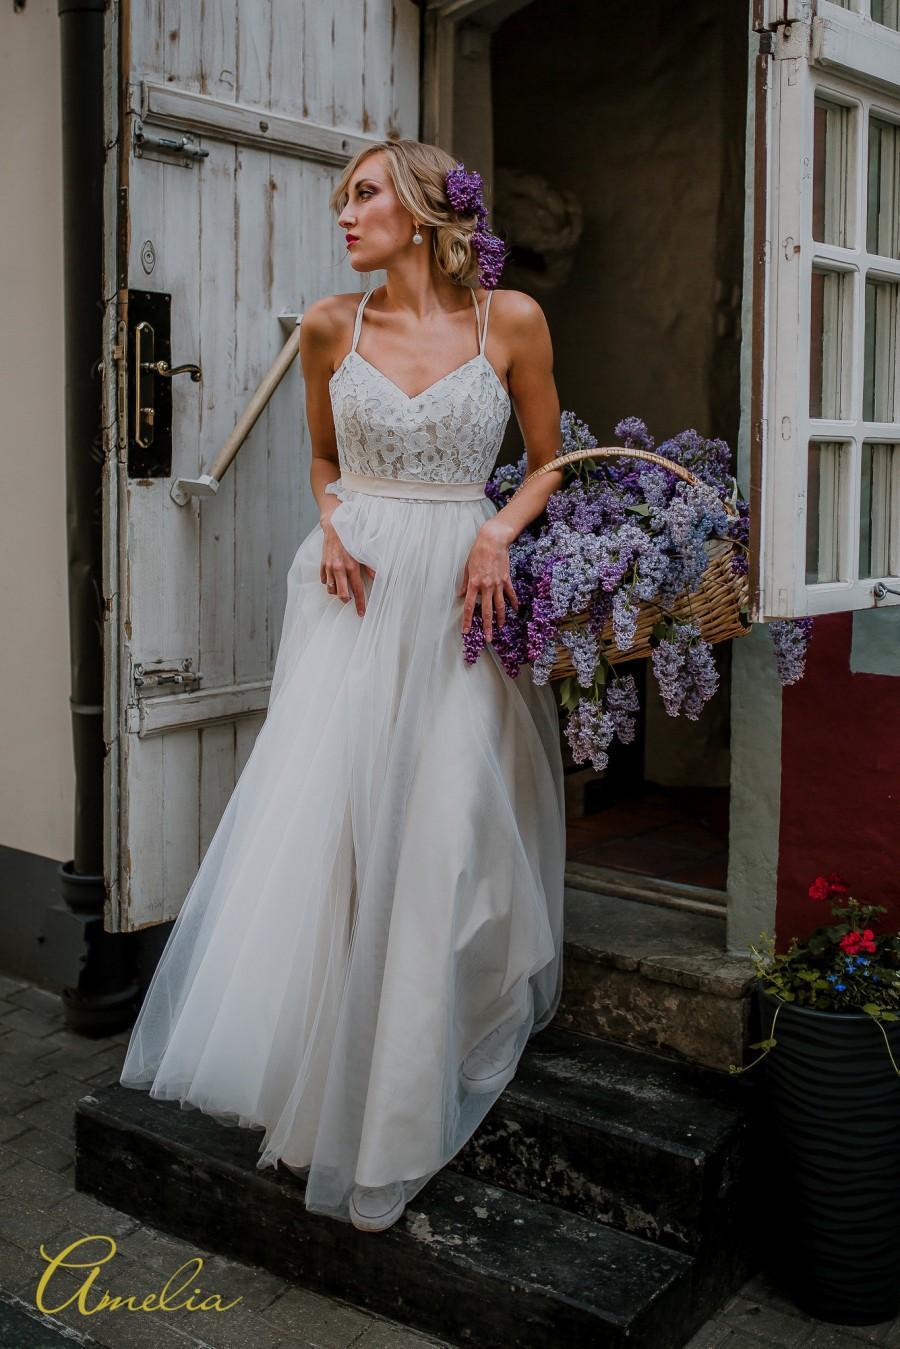 زفاف - Flowy Tulle Beige Wedding Dress/ Bohemian Beige Wedding Dress/ Beige Low Back Wedding Dress/ Bohemian Lace and Tulle Beige Wedding Dress